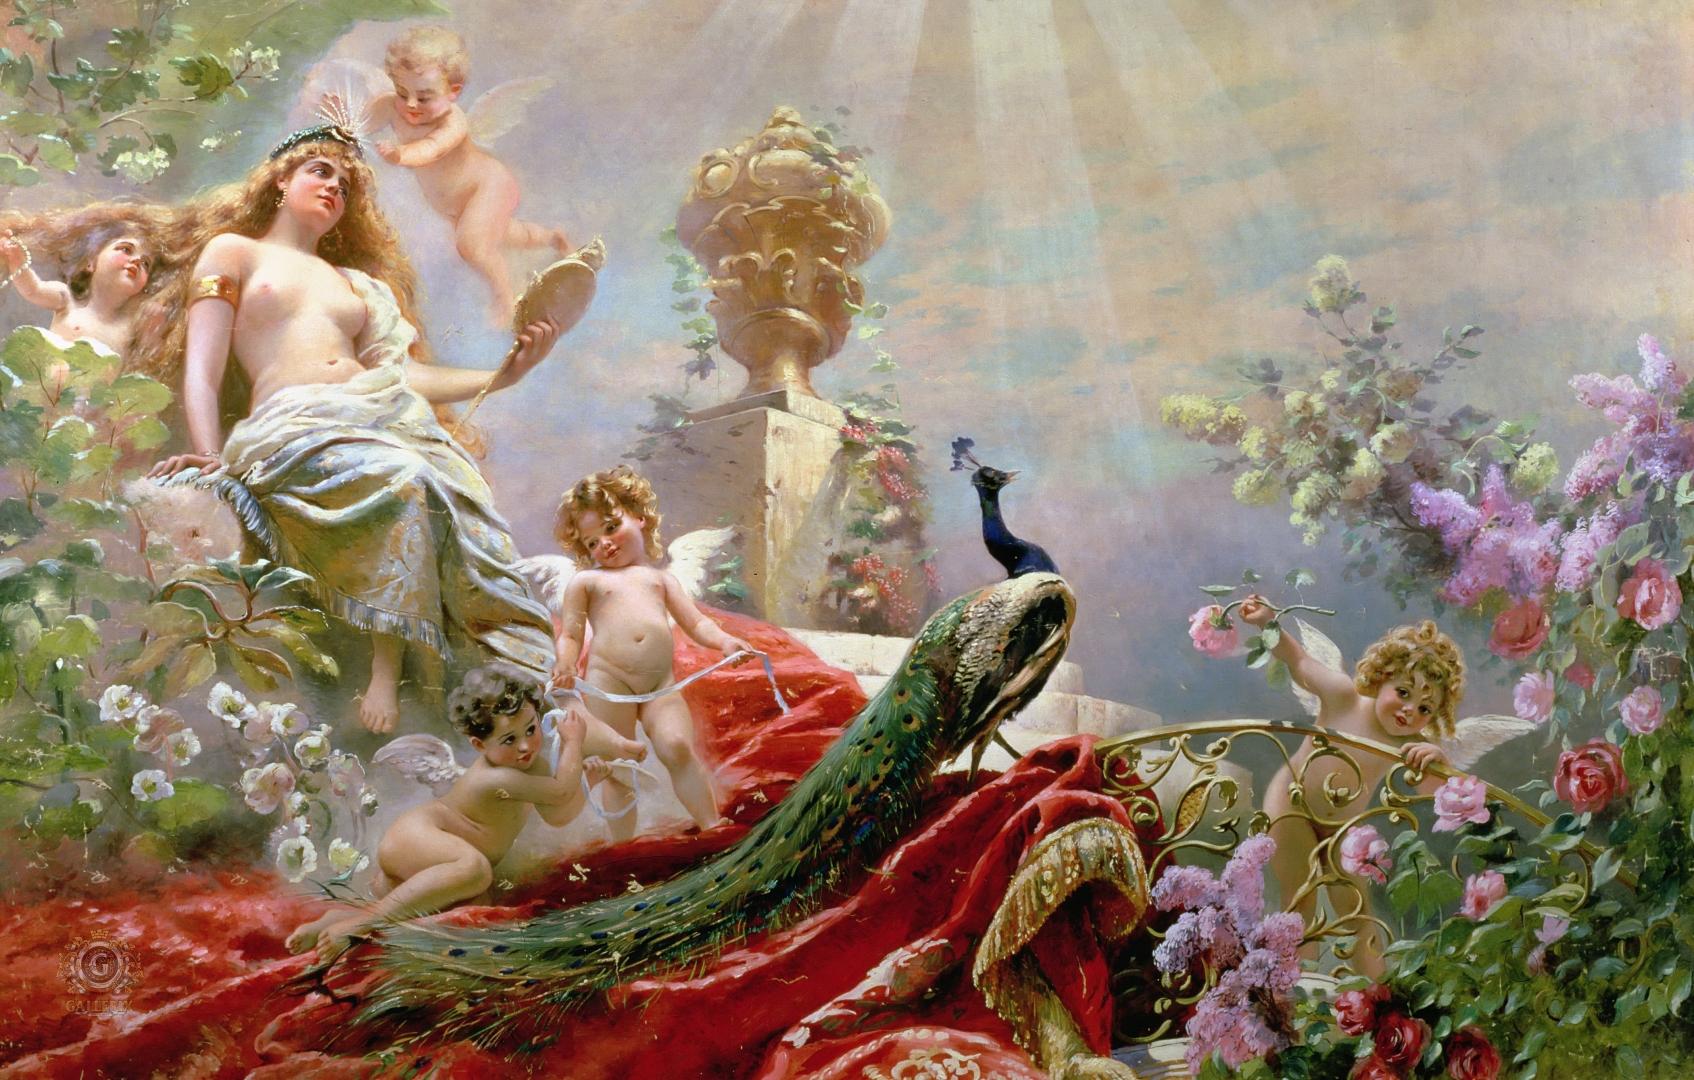 богини в картинах художников тебе бесконечно любовь